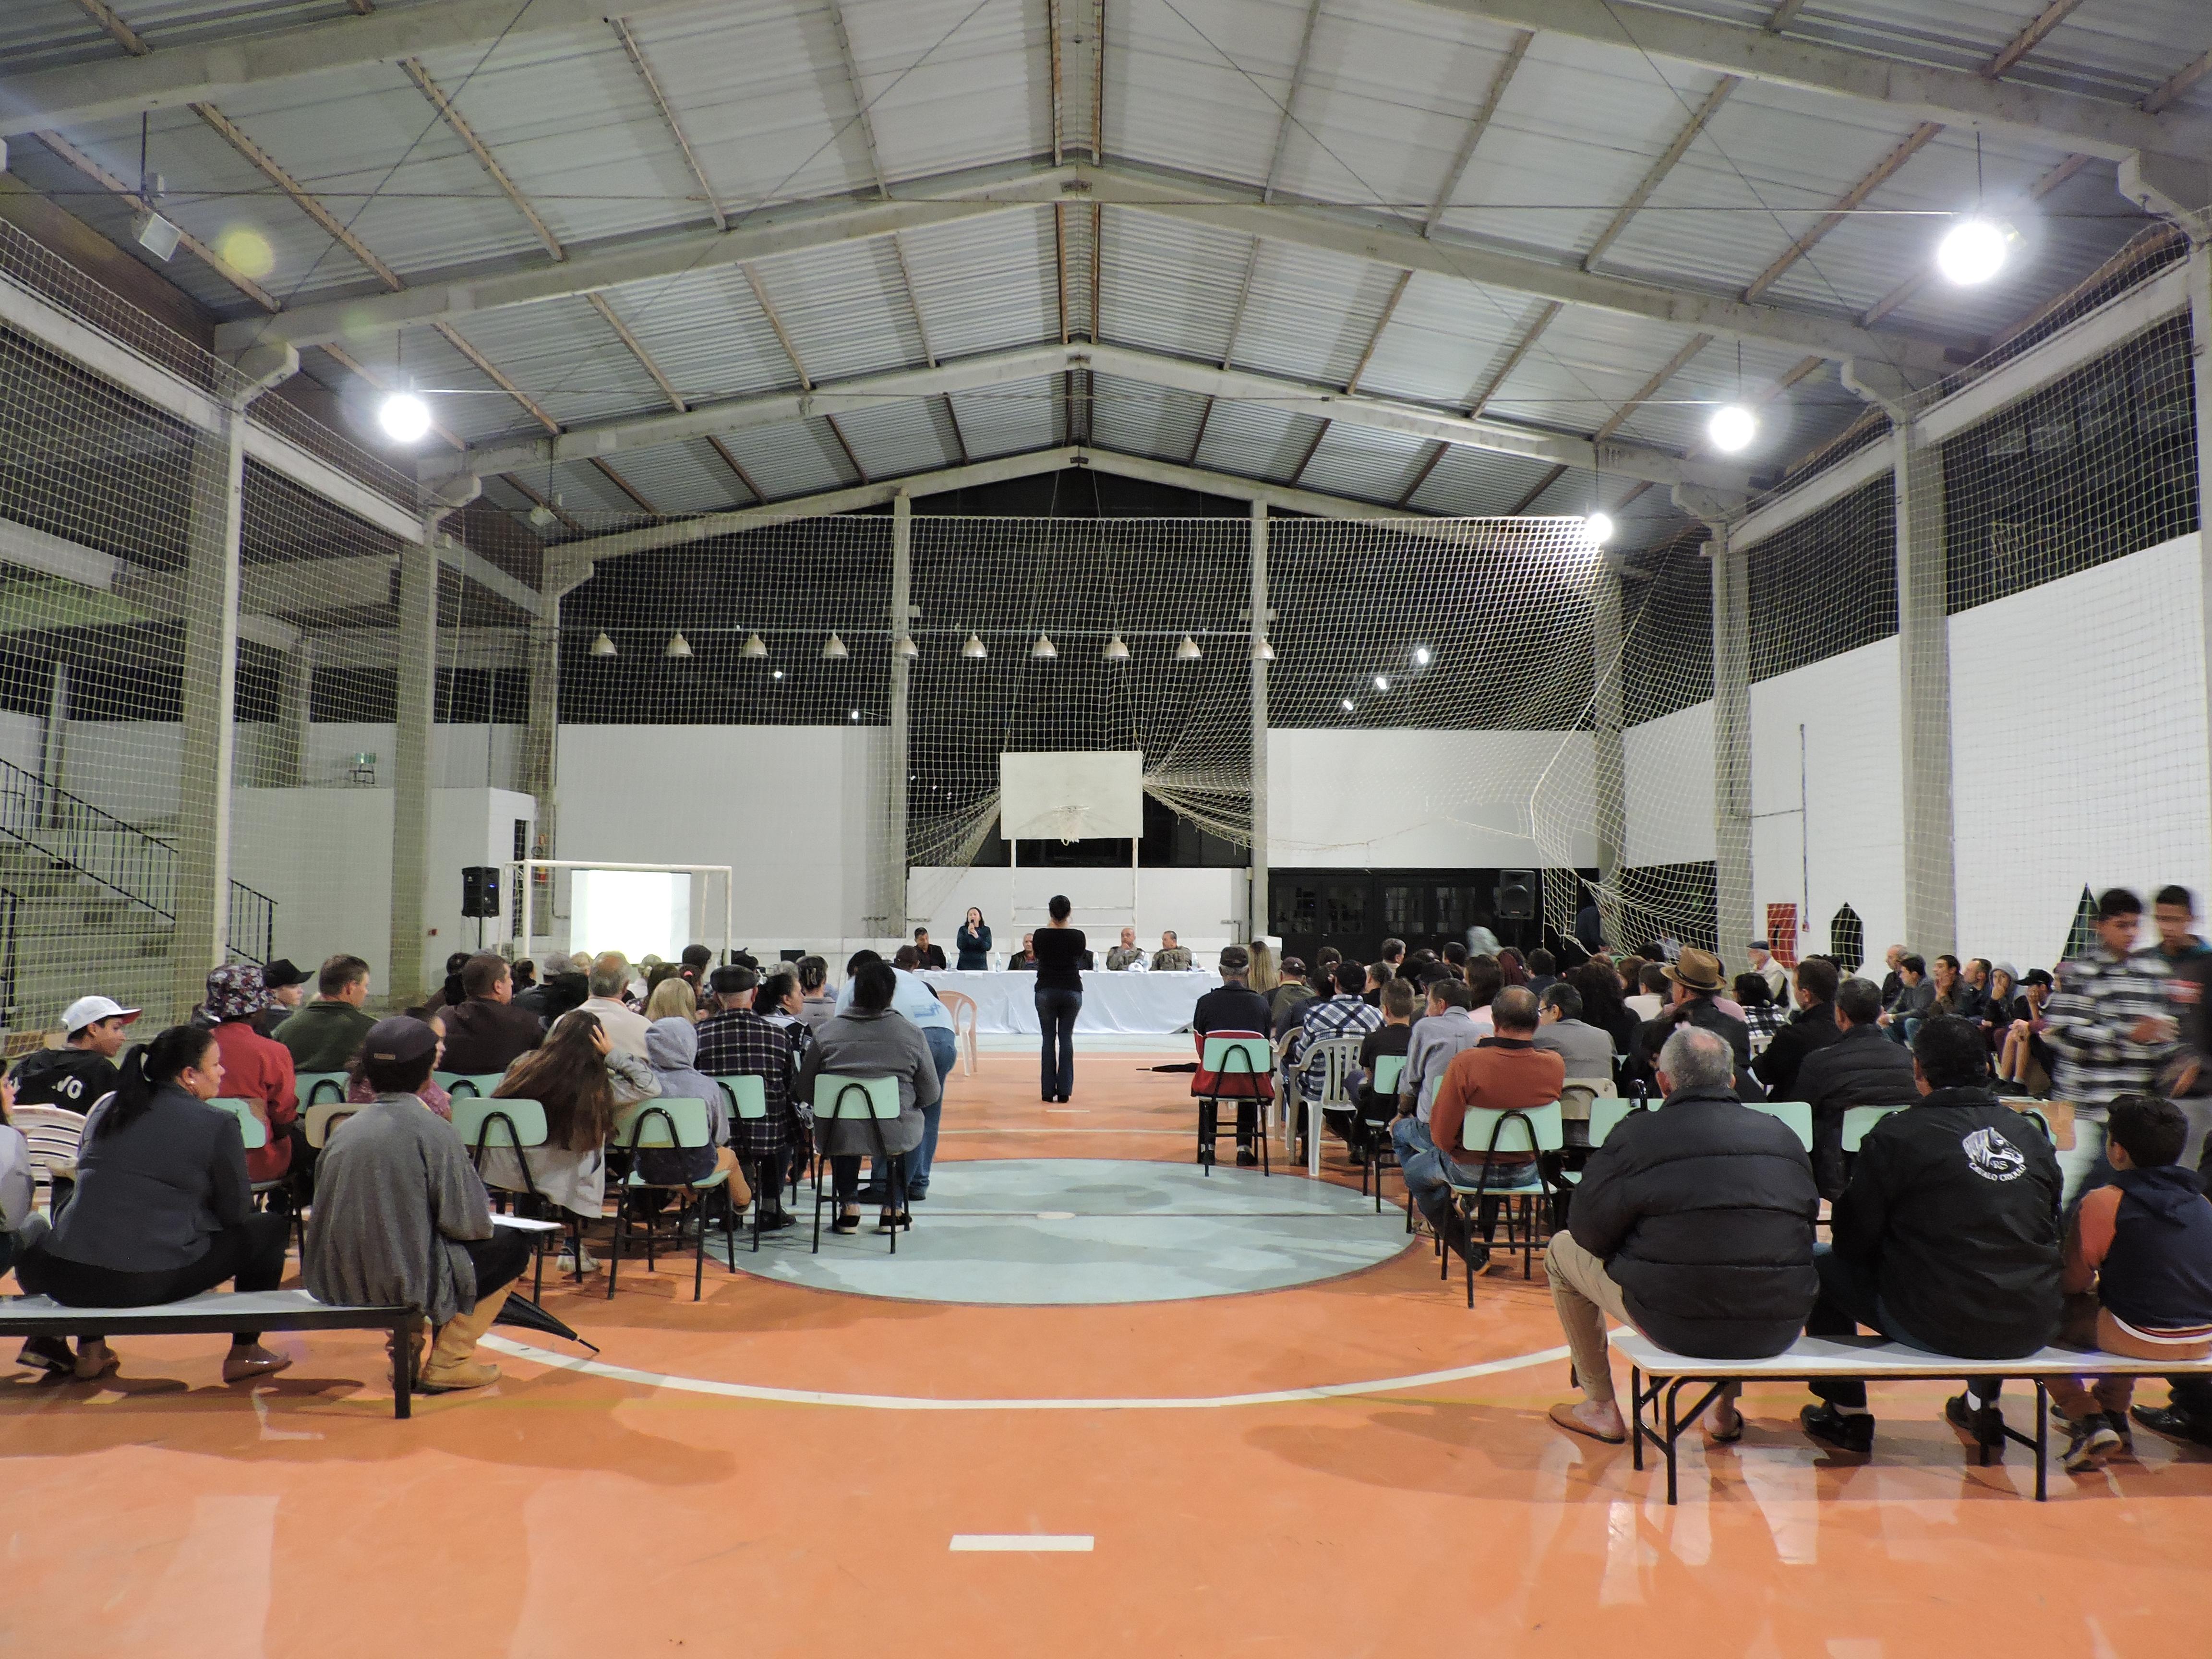 Estiveram presentes na Audiência aproximadamente 140 pessoas